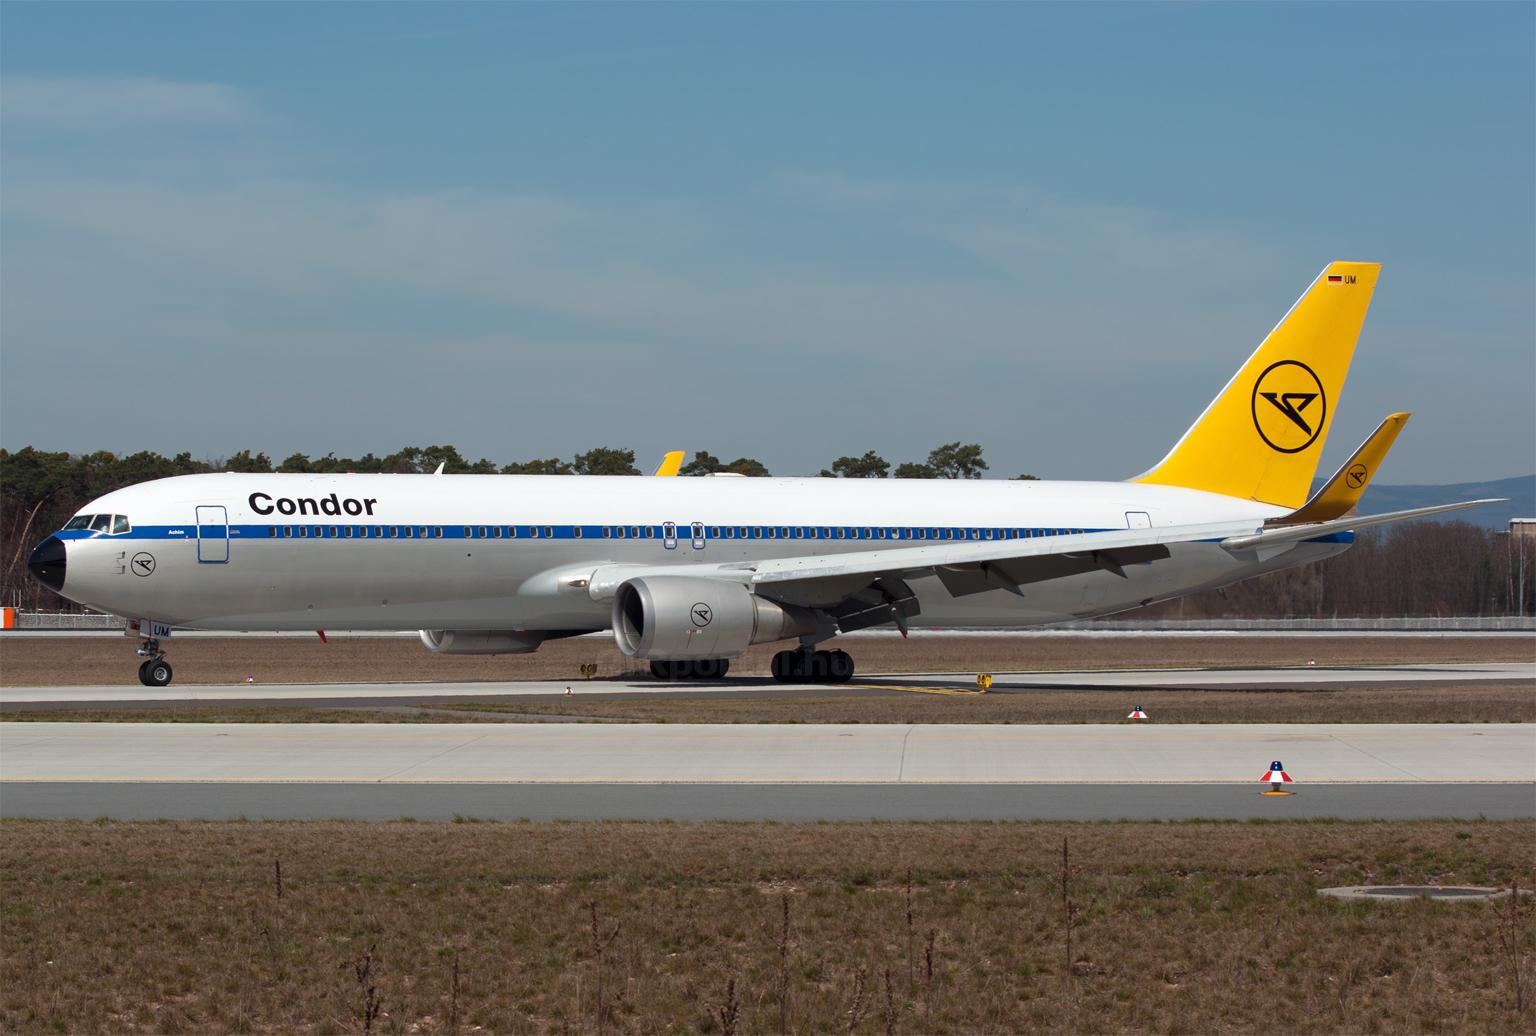 A légitársaság retro festésű Boineg 767-ese. (Fotó: Szalmási Szabolcs - AIRportal) | © AIRportal.hu